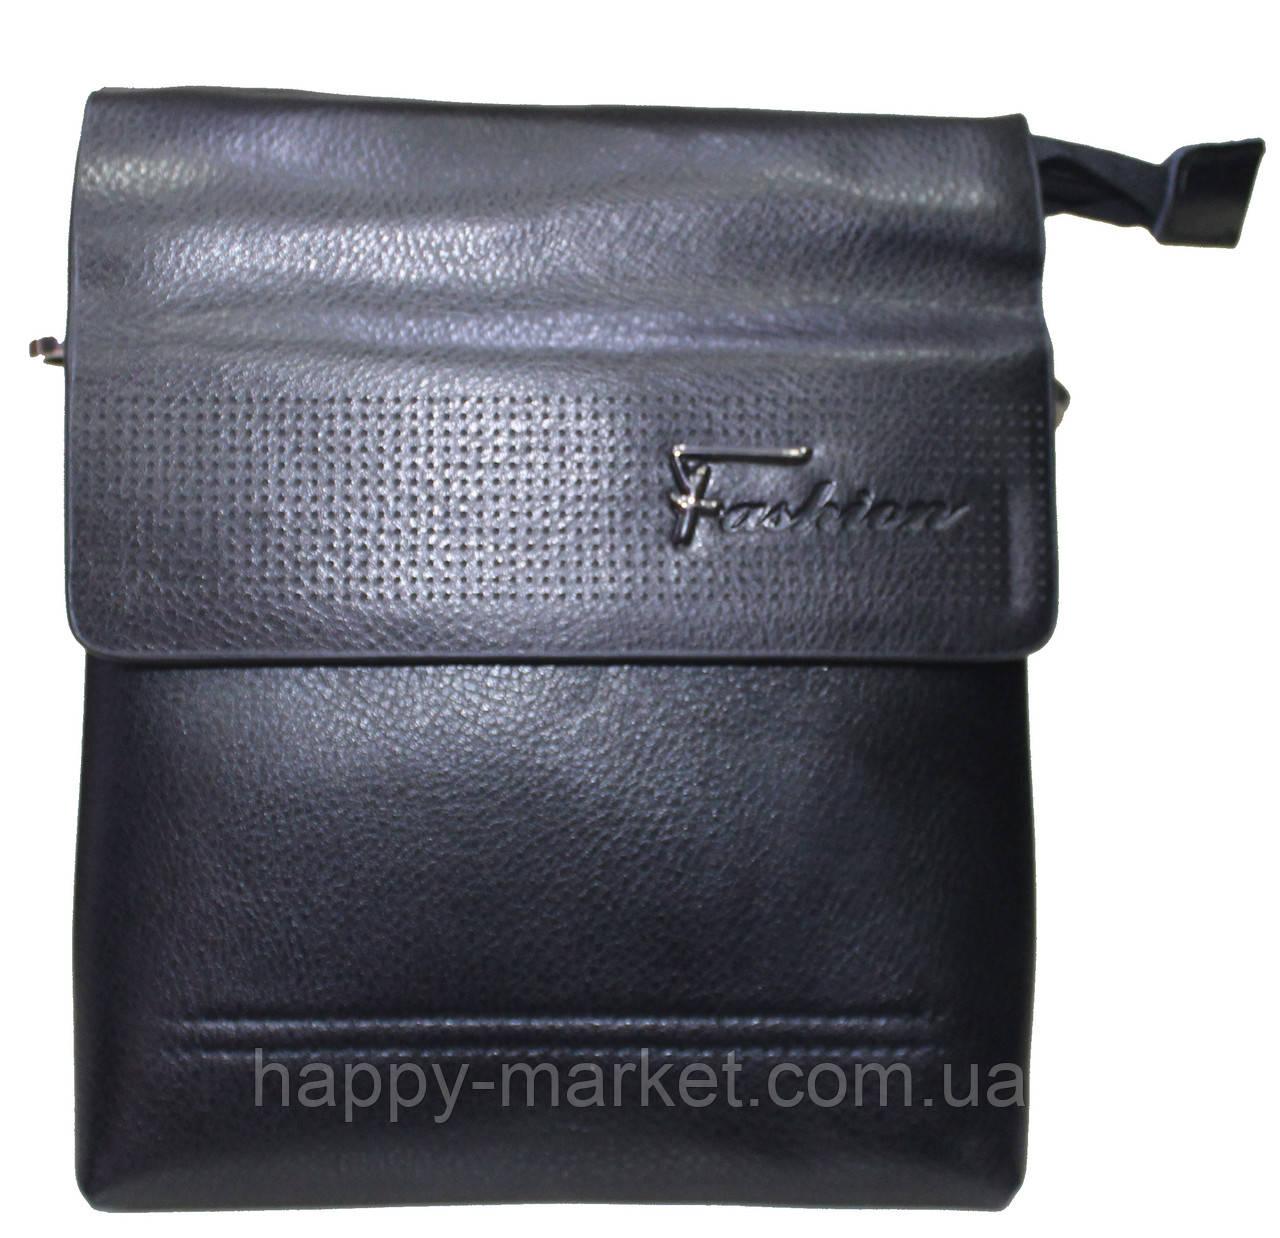 Сумка Мужская через плечо с короткой и длинной ручкой Fashion 18-88825-1